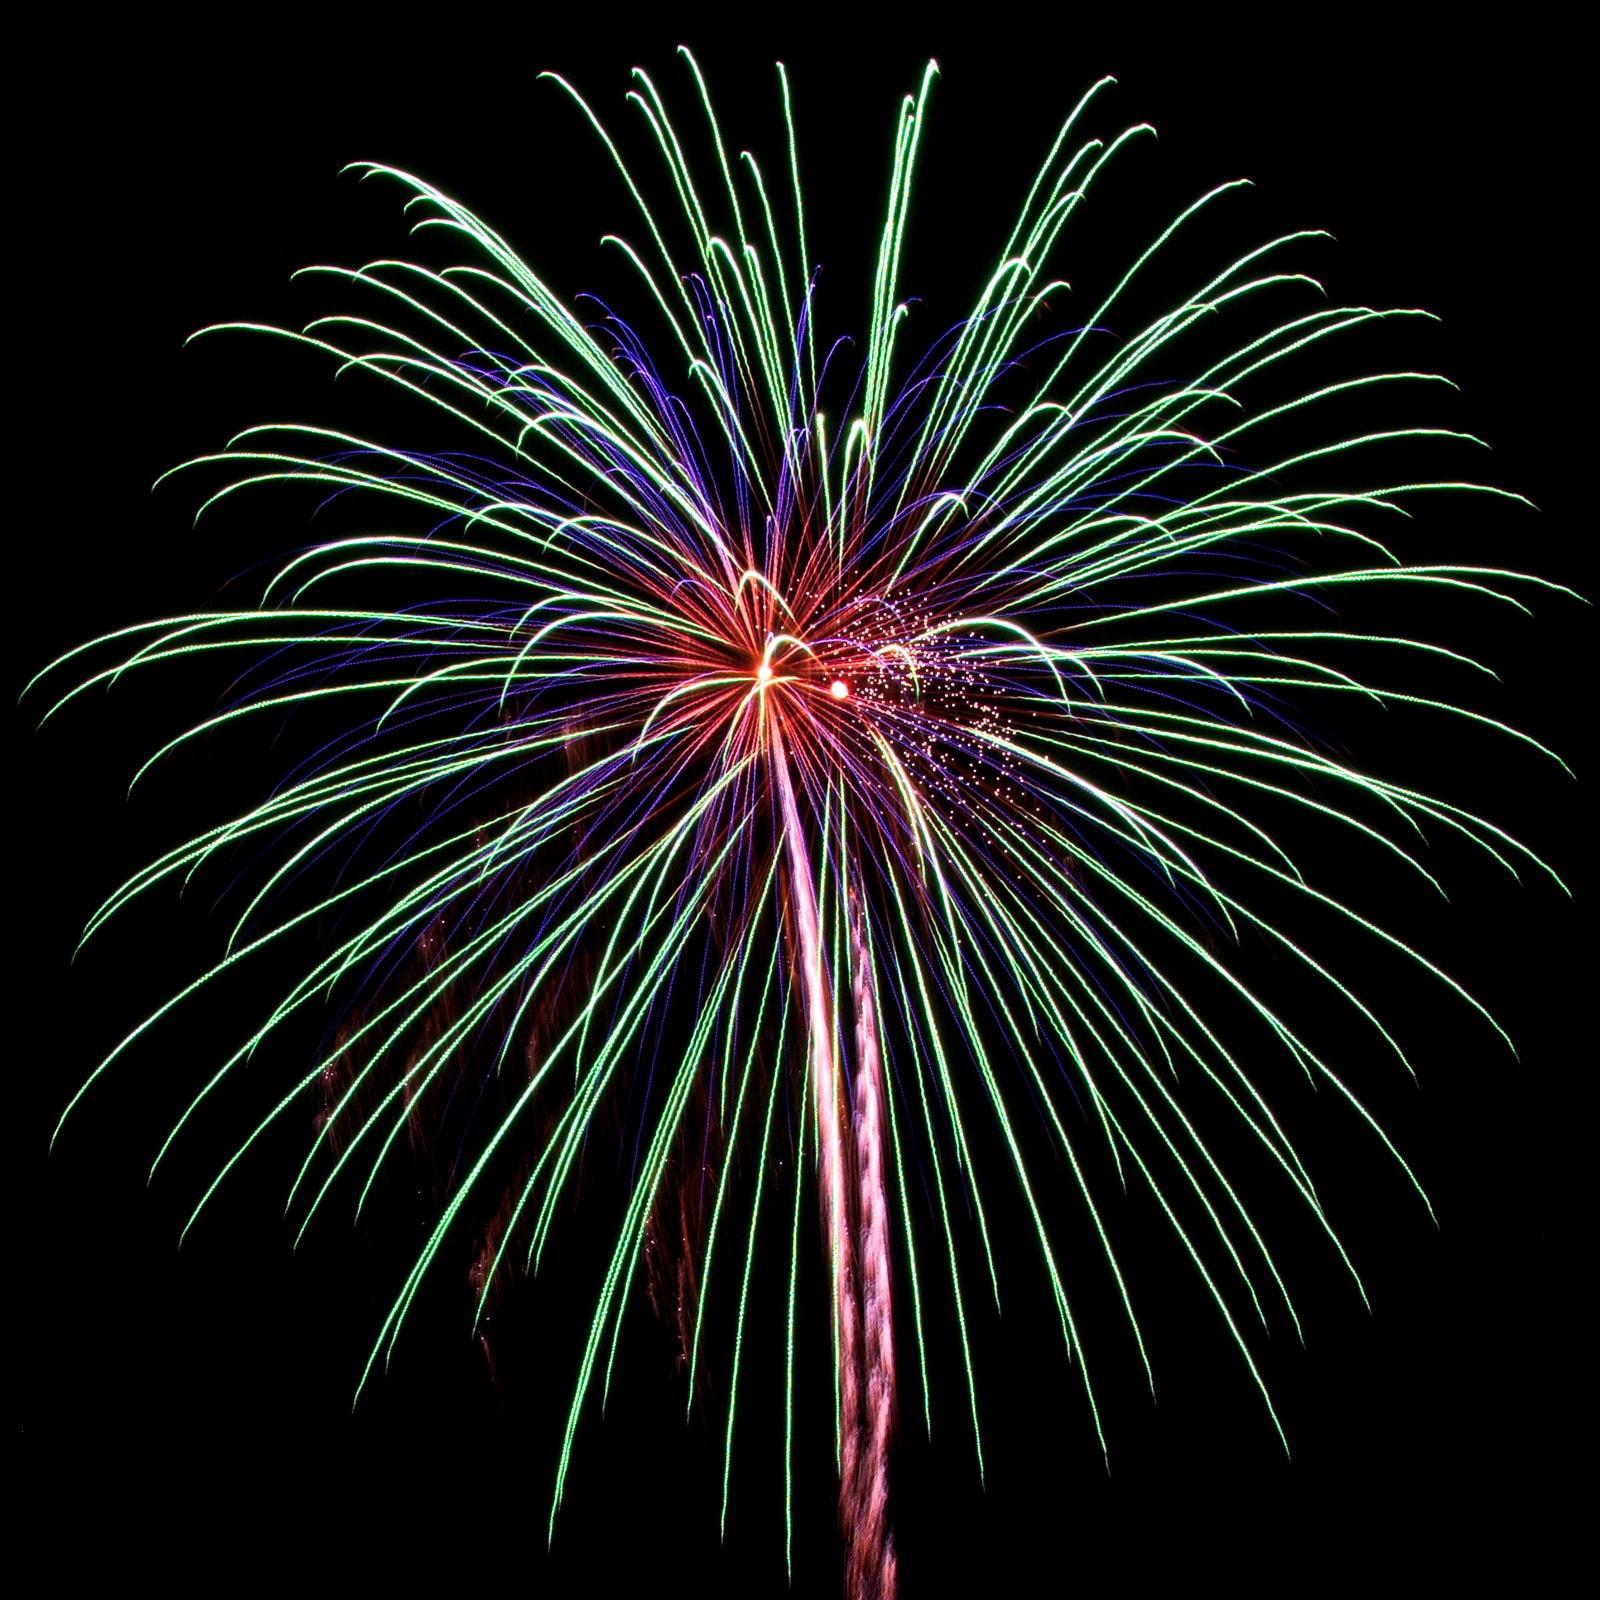 Massachusetts Fireworks: Boom in green